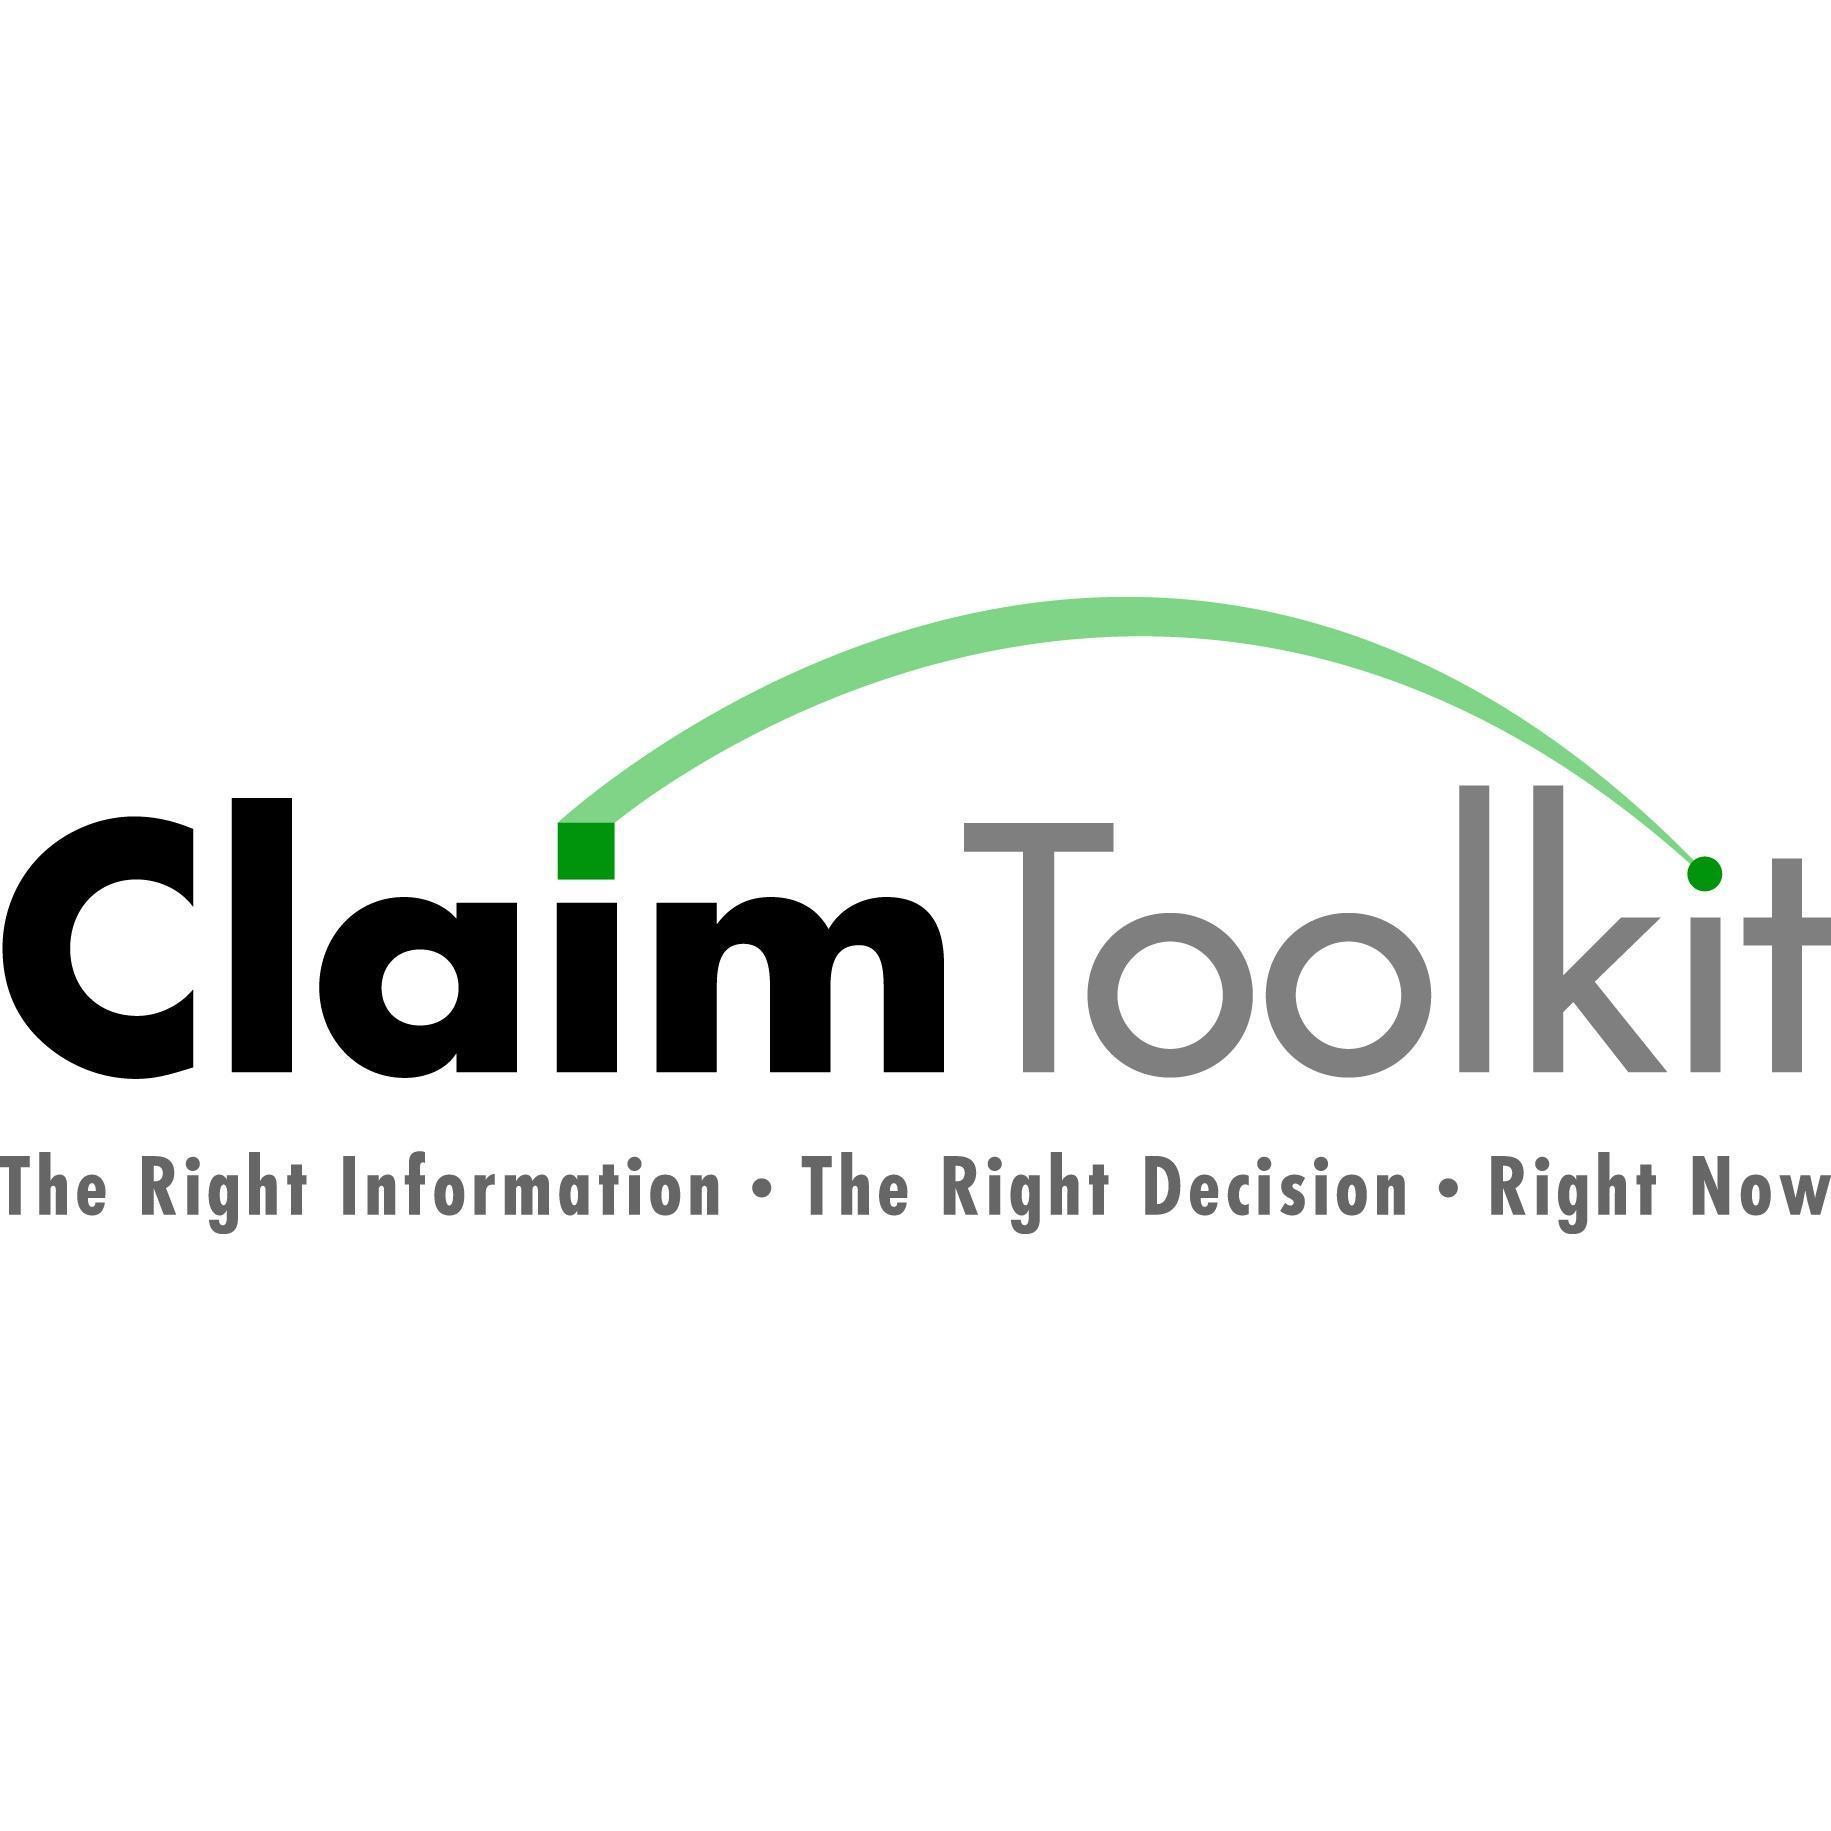 Claim Toolkit